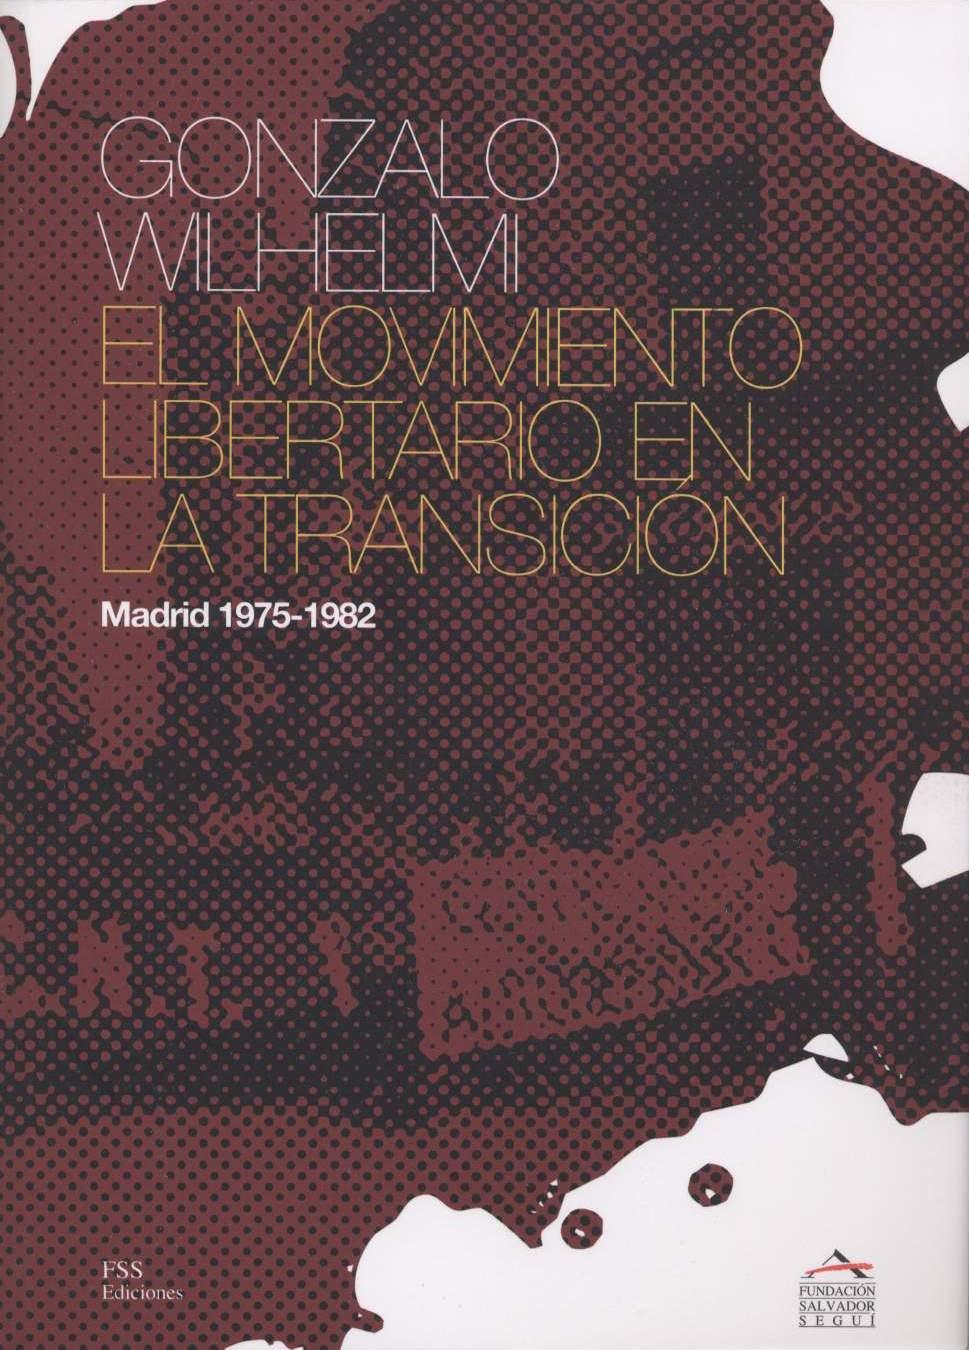 <a href='http://fundacionssegui.org/barcelona/es/el-movimiento-libertario-en-la-transicion/'>El Movimiento libertario en la Transición</a>